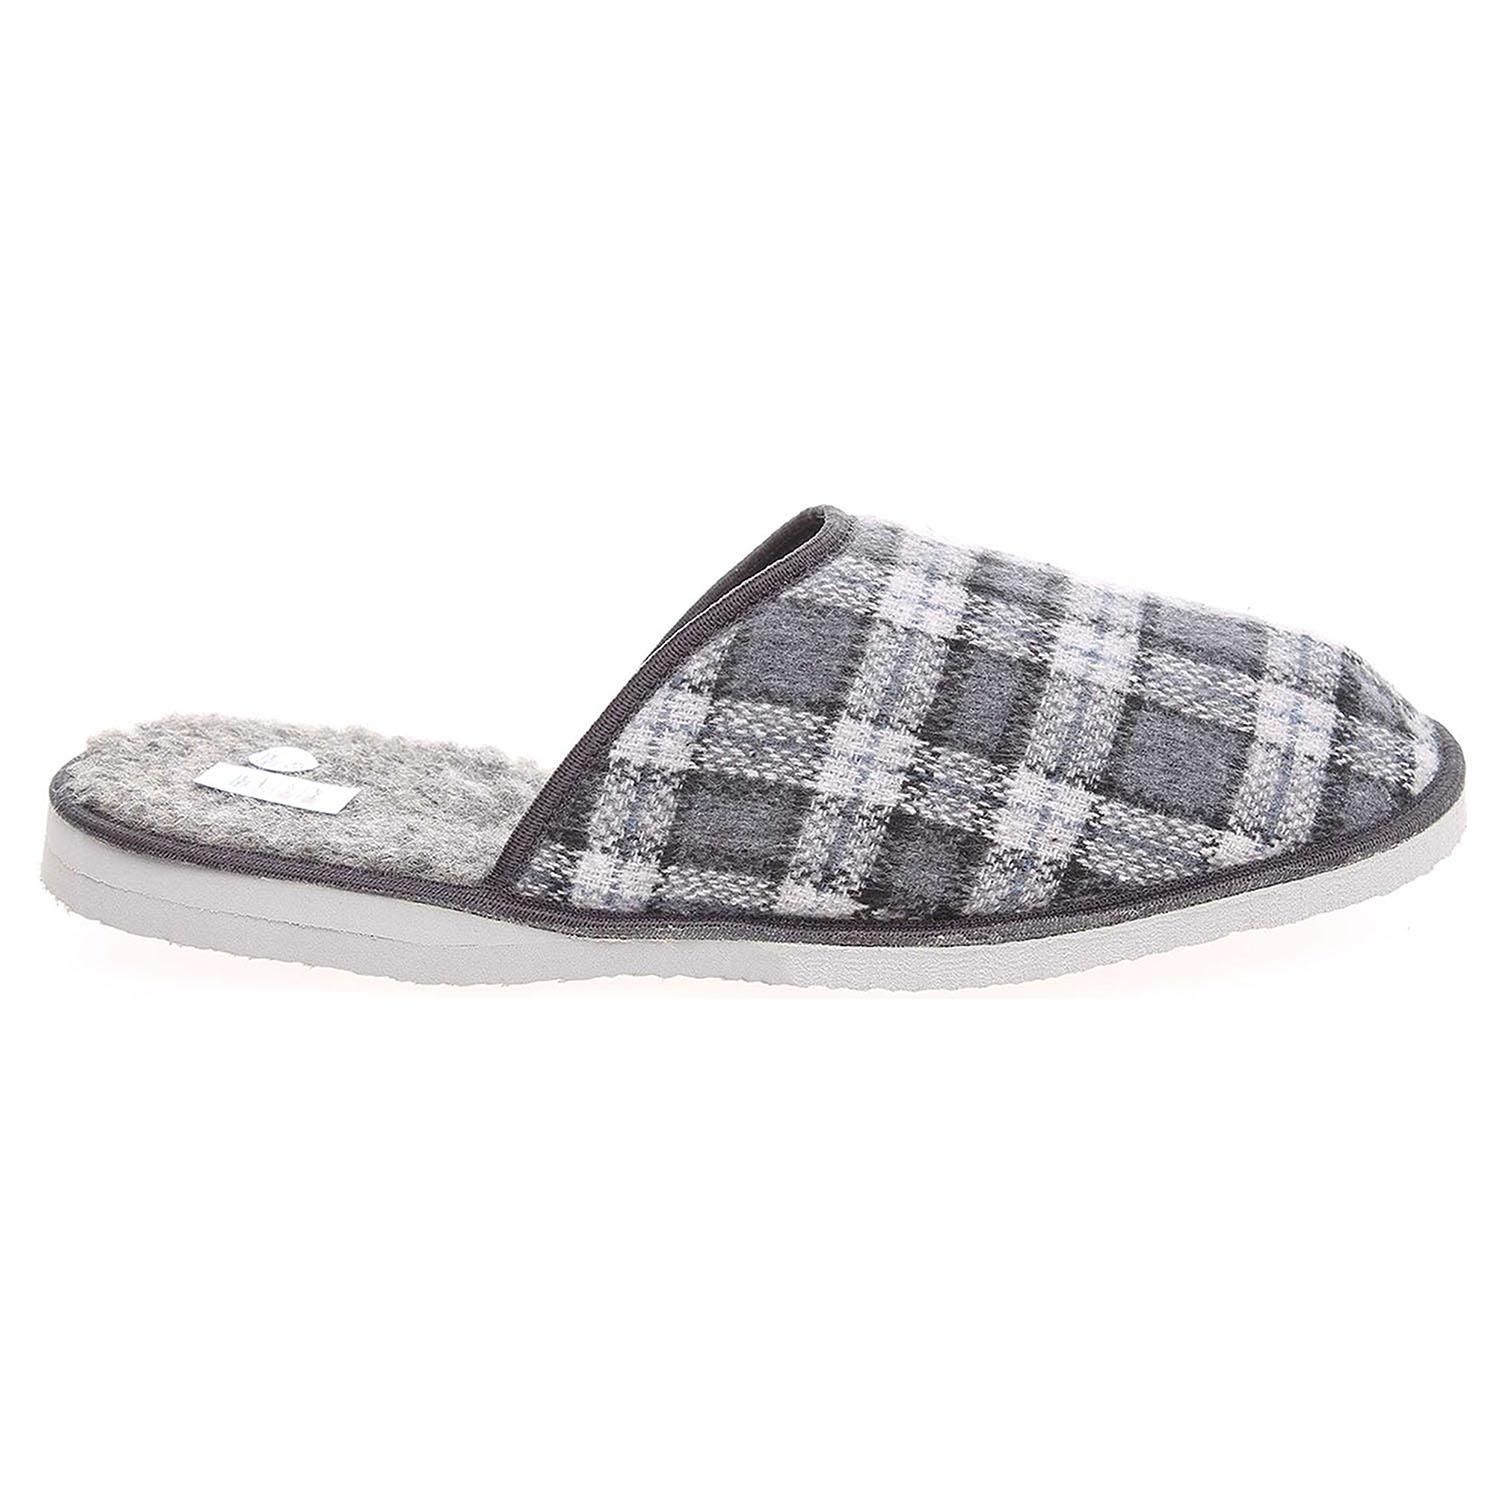 Pánské domácí pantofle 1111.00 šedé 44